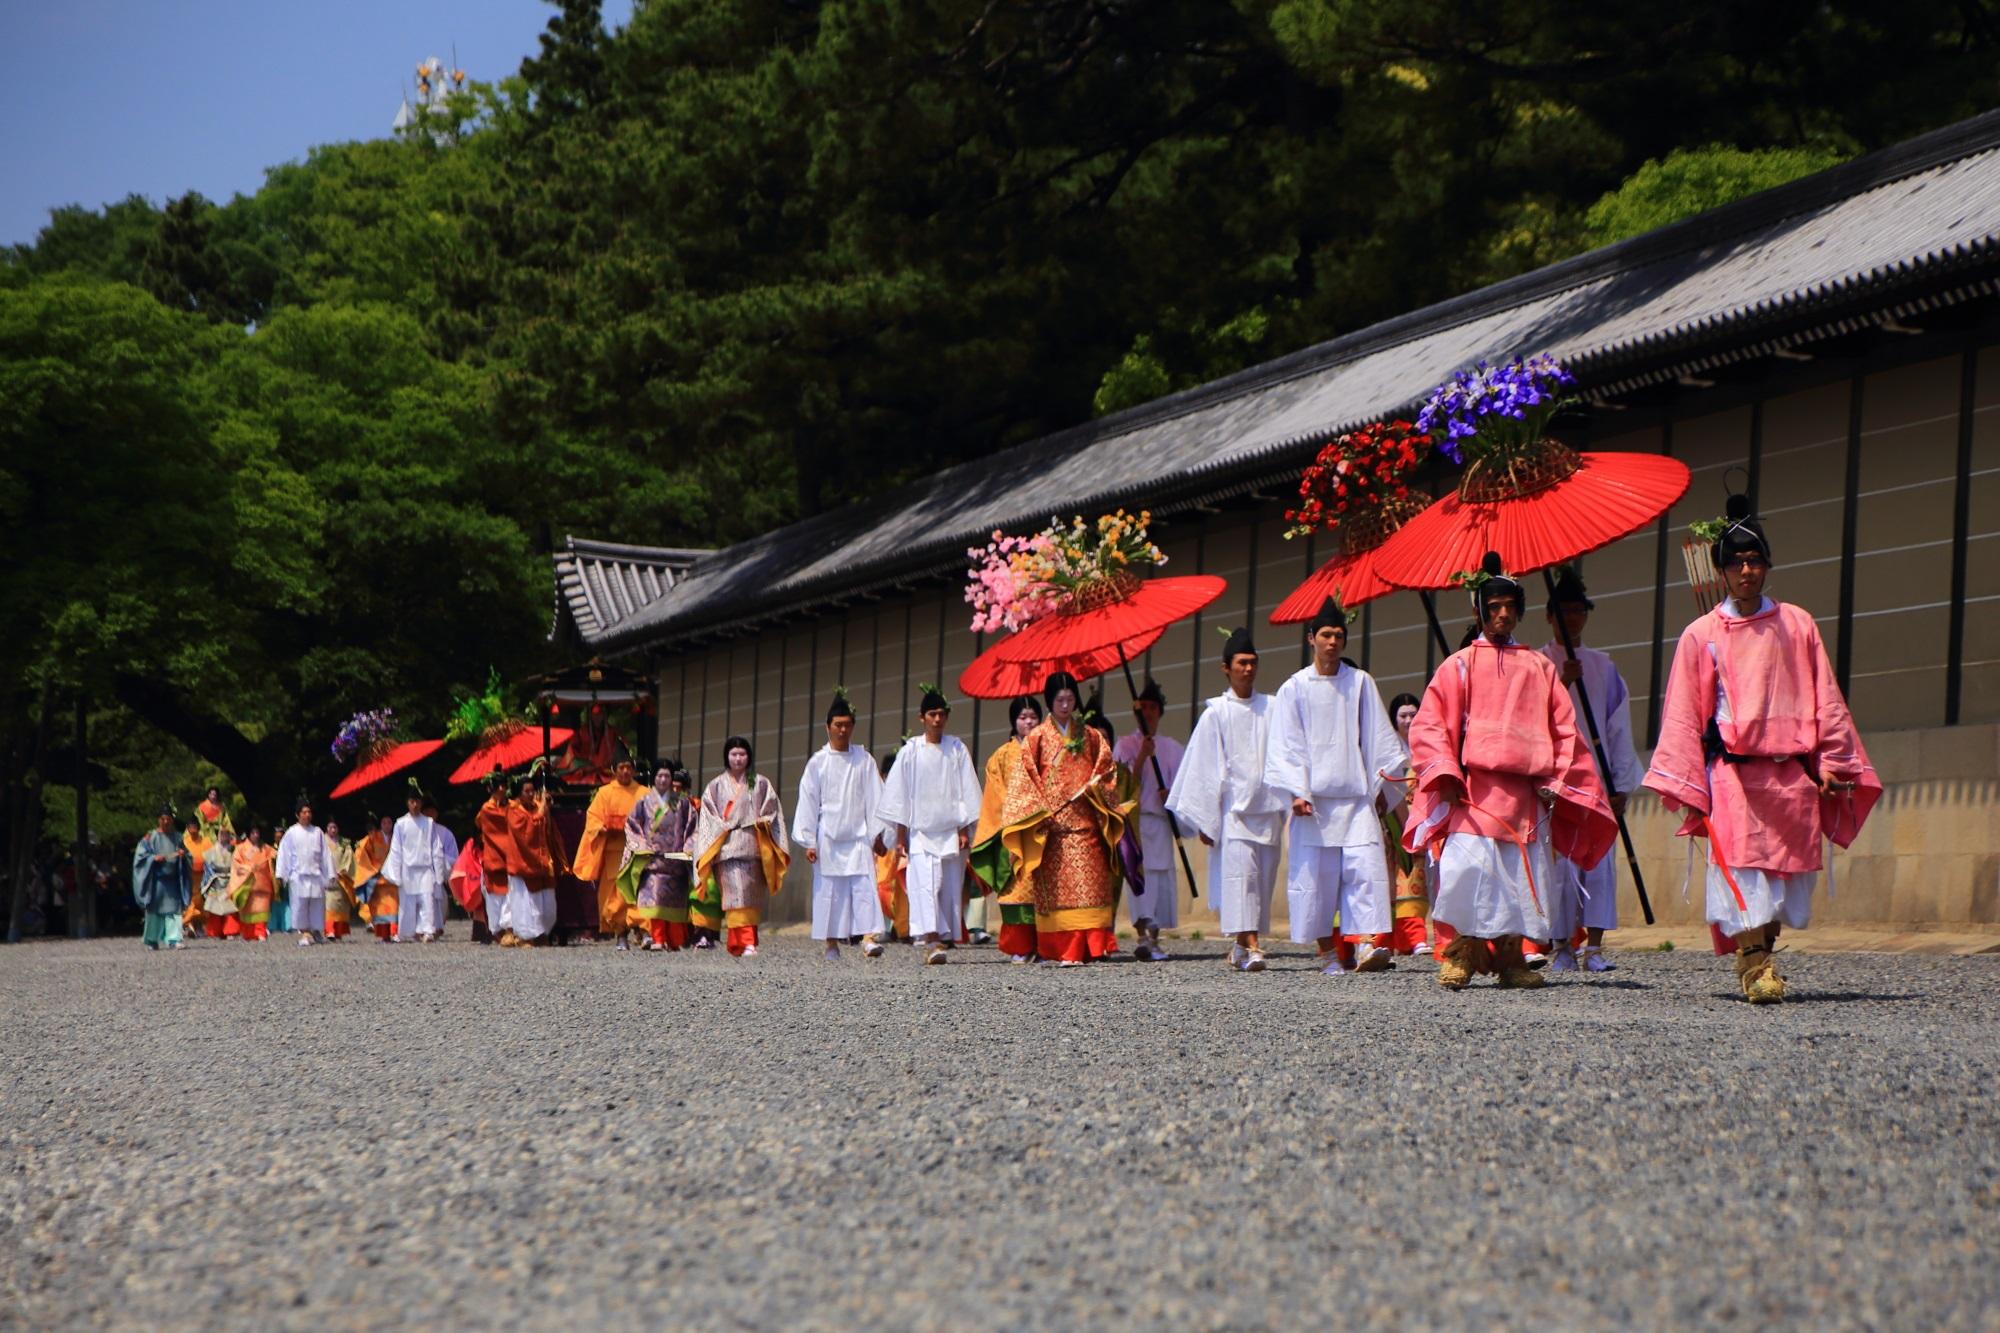 葵祭(あおいまつり)の華やかな斎王代列